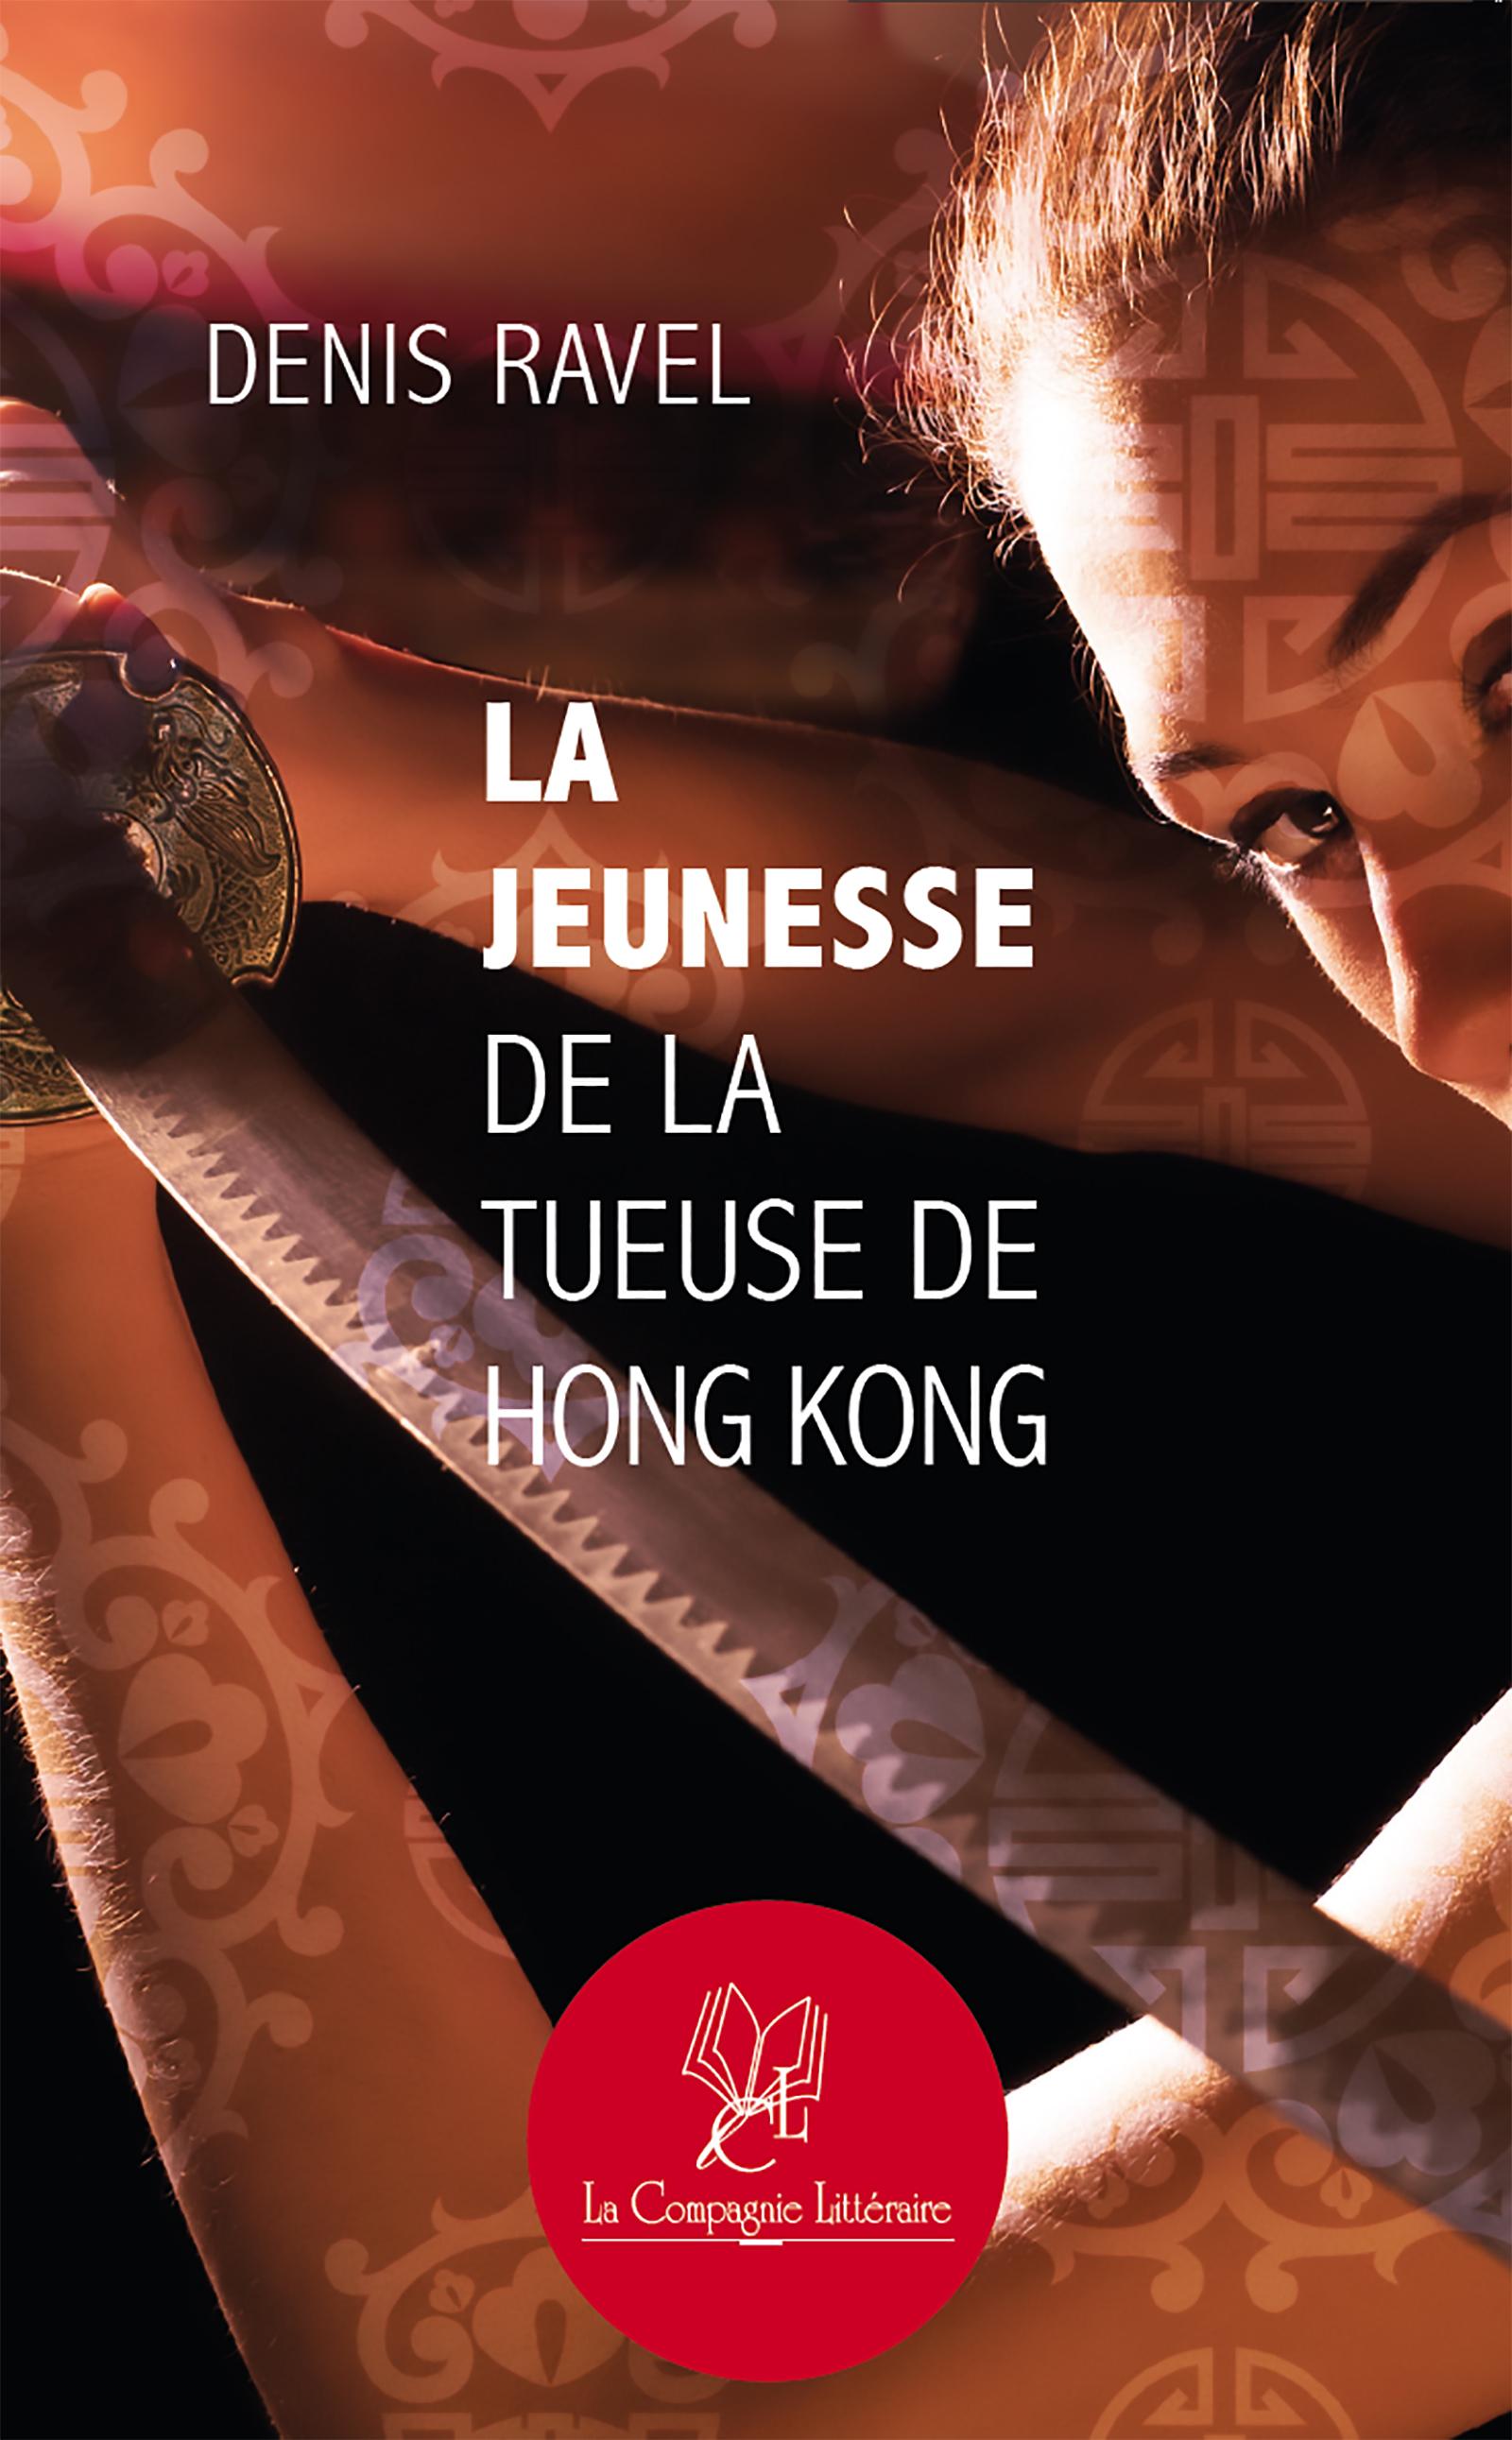 La jeunesse de la tueuse de Hong Kong